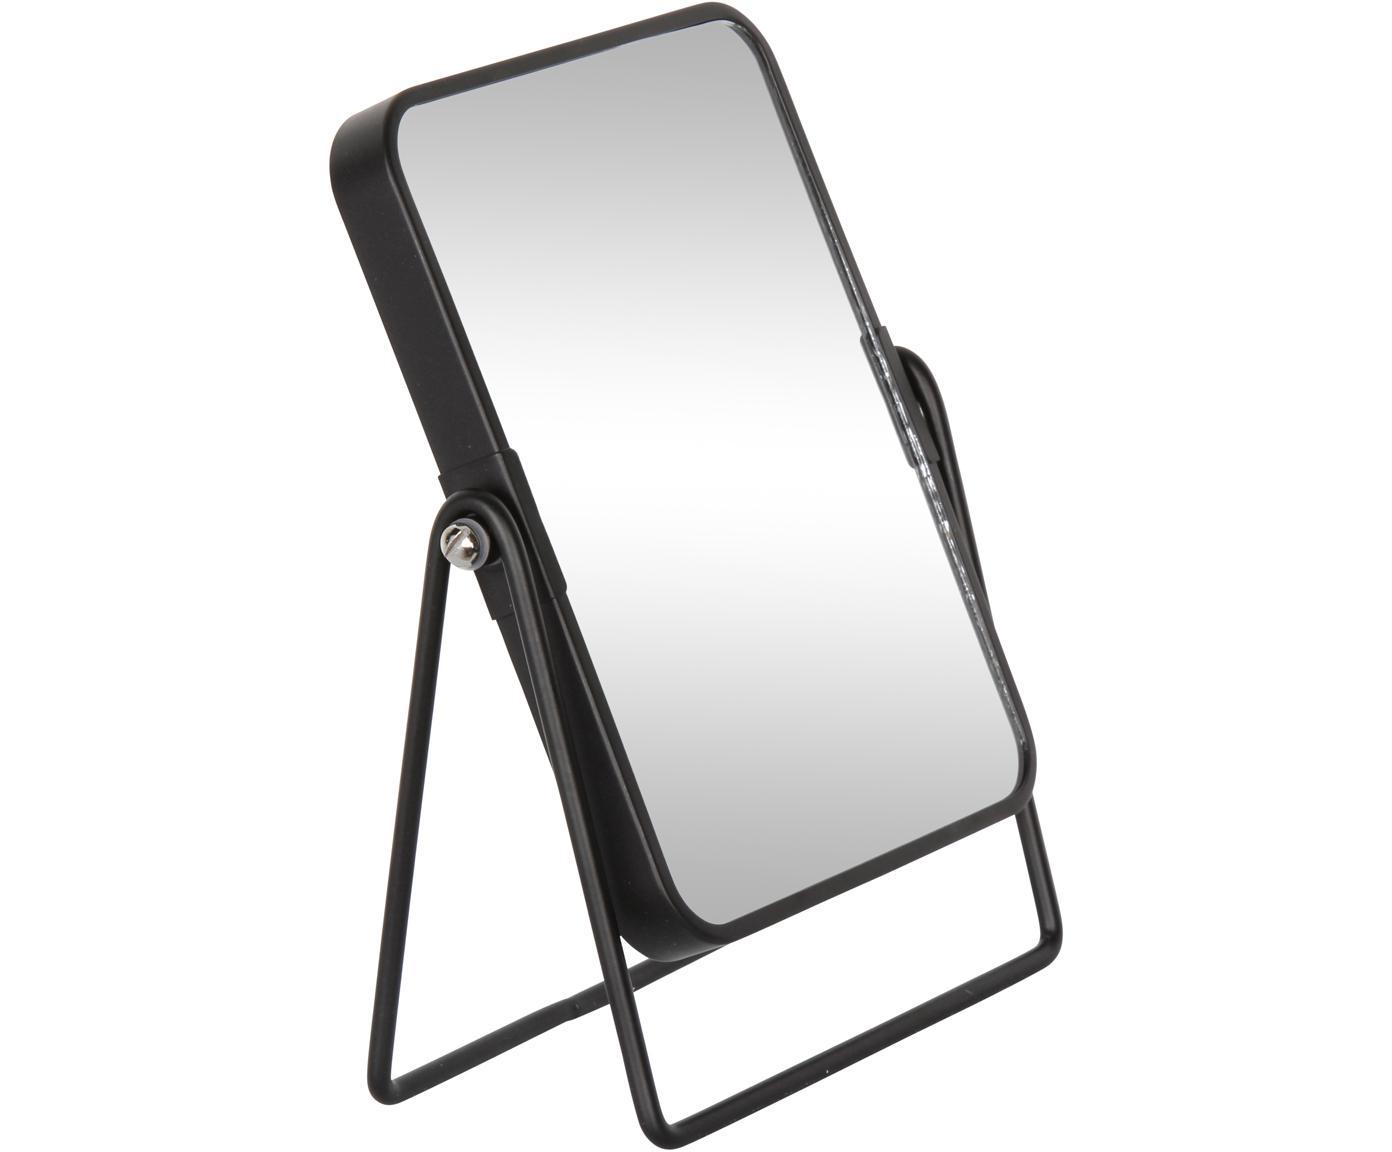 Make-up spiegel Doppio, Glas, metaal, Zwart, spiegelglas, 16 x 21 cm